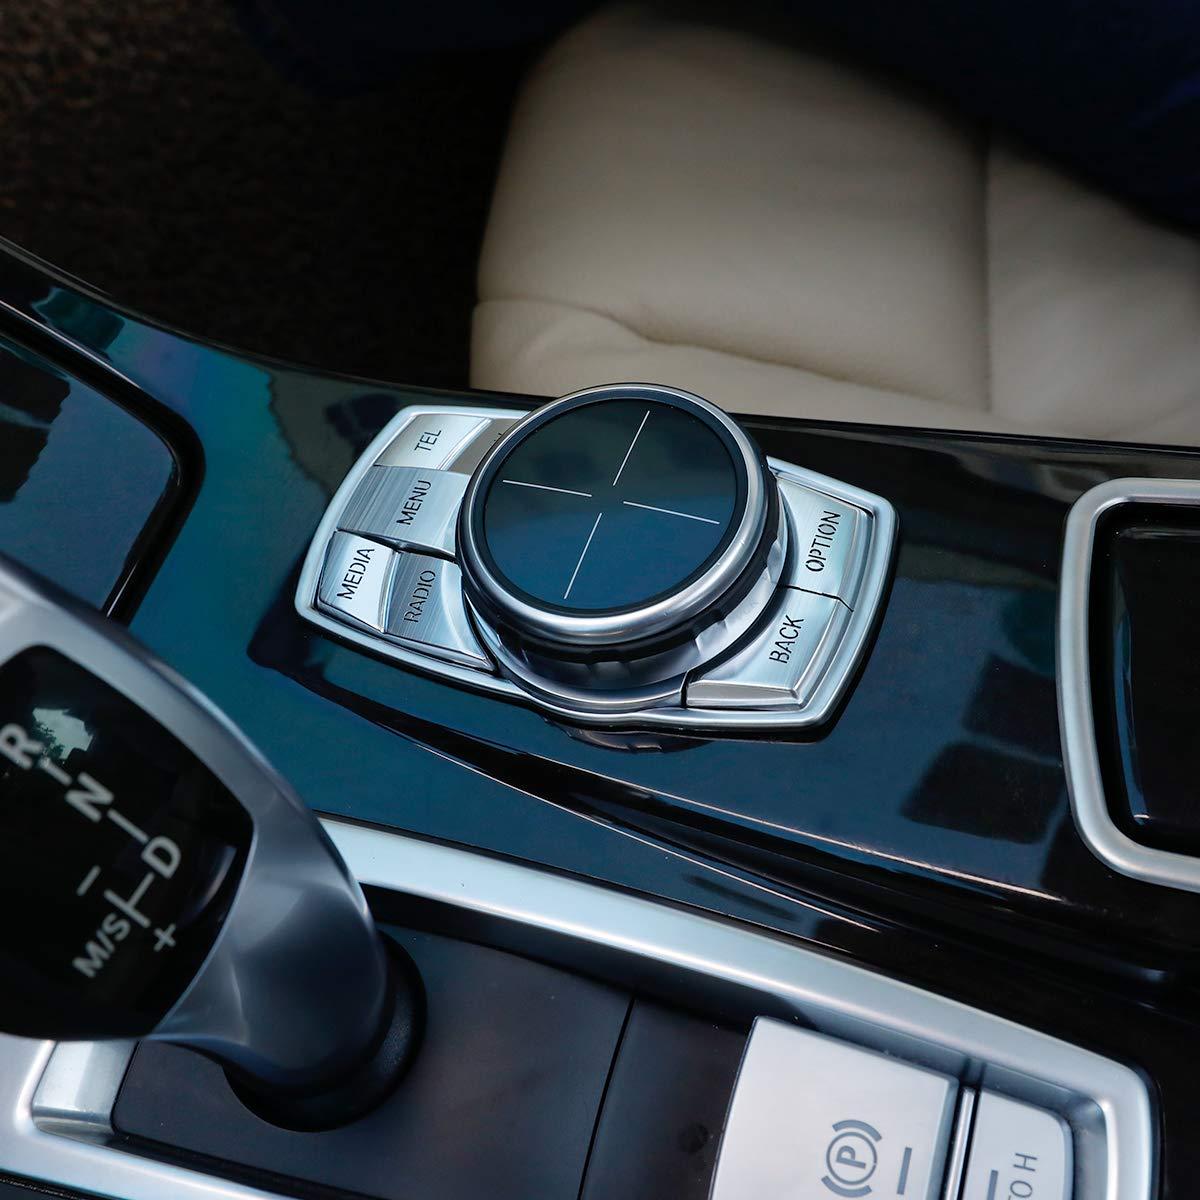 アルミ合金車マルチメディアボタンカバーノブフレーム装飾 Bmw の 5 シリーズ G30 G38 X3 G01 2018 (シルバー)